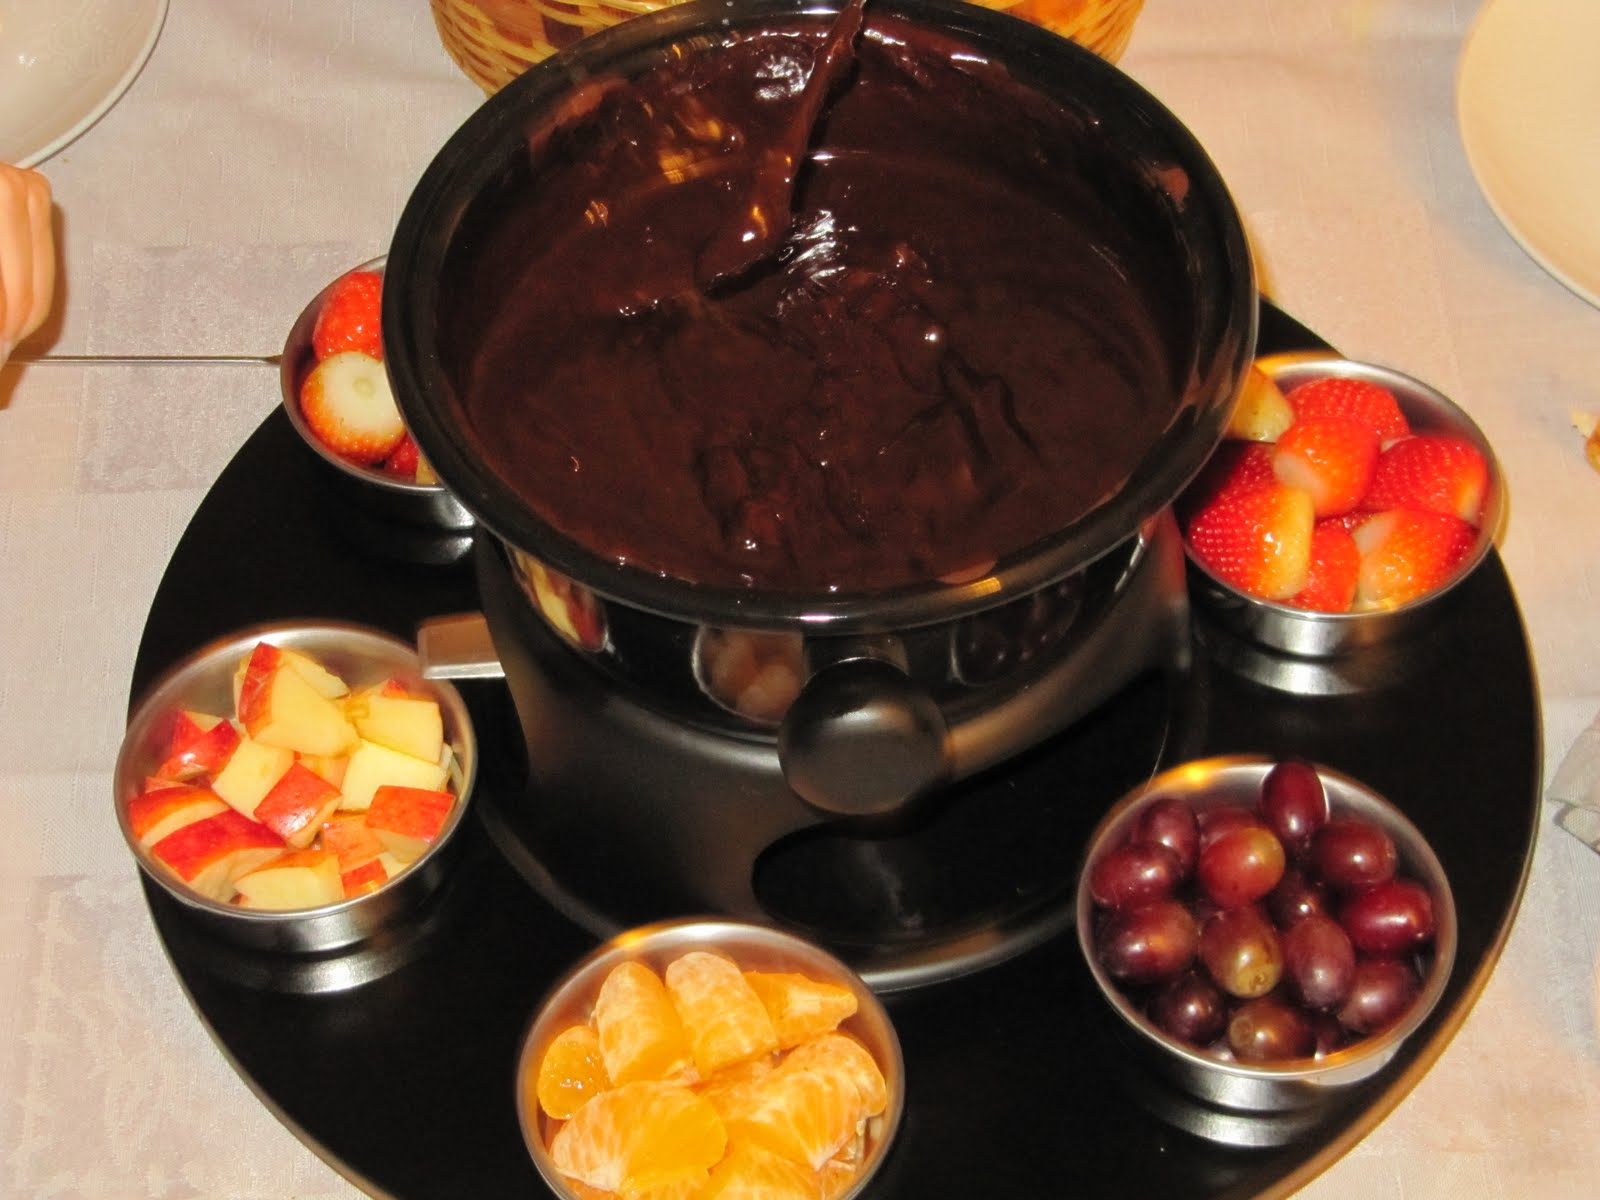 Recebendo amigos fondue de chocolate - Fondue de chocolate ...